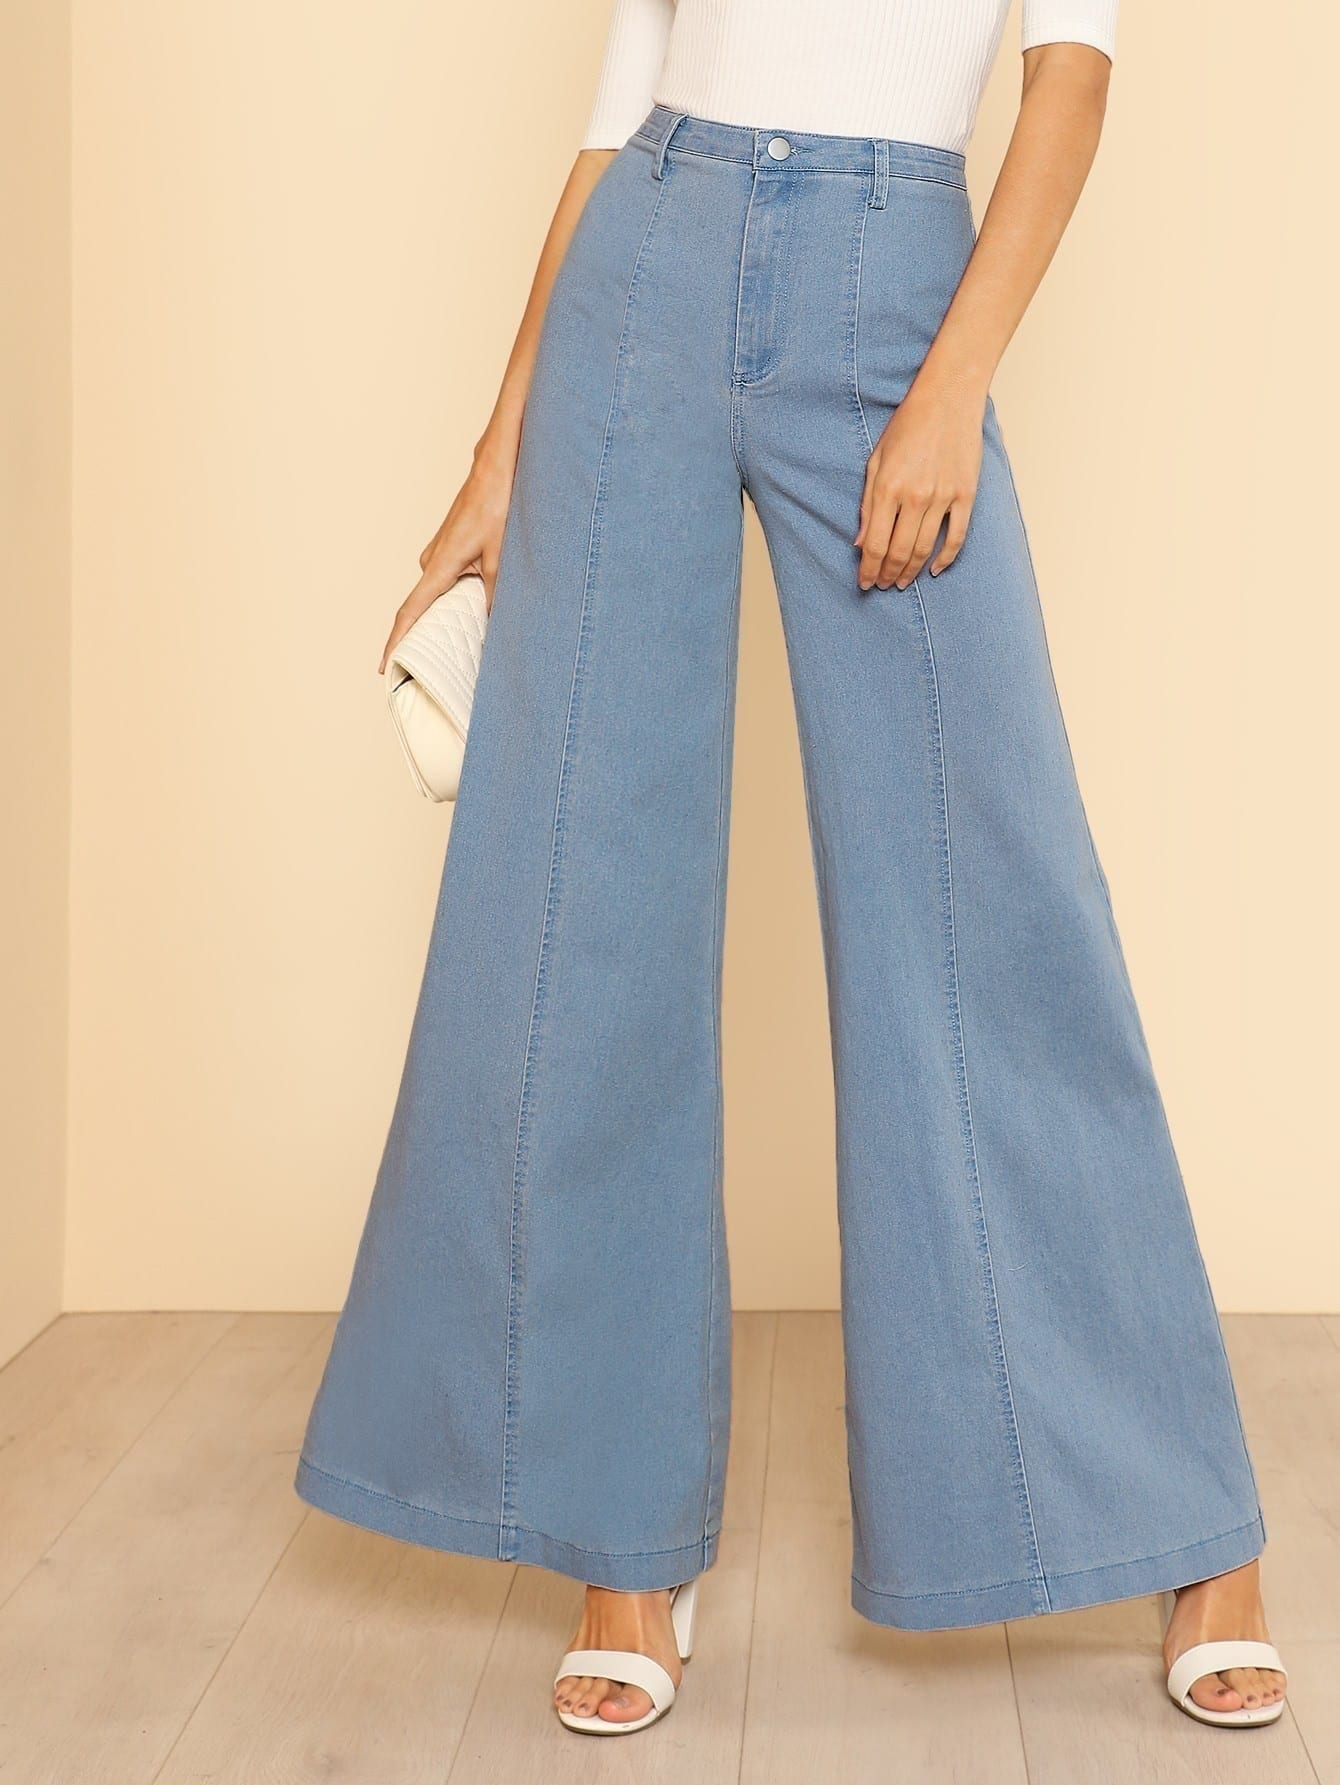 d56e15a98 High Waist Bell Bottom Jeans | SHEIN IN